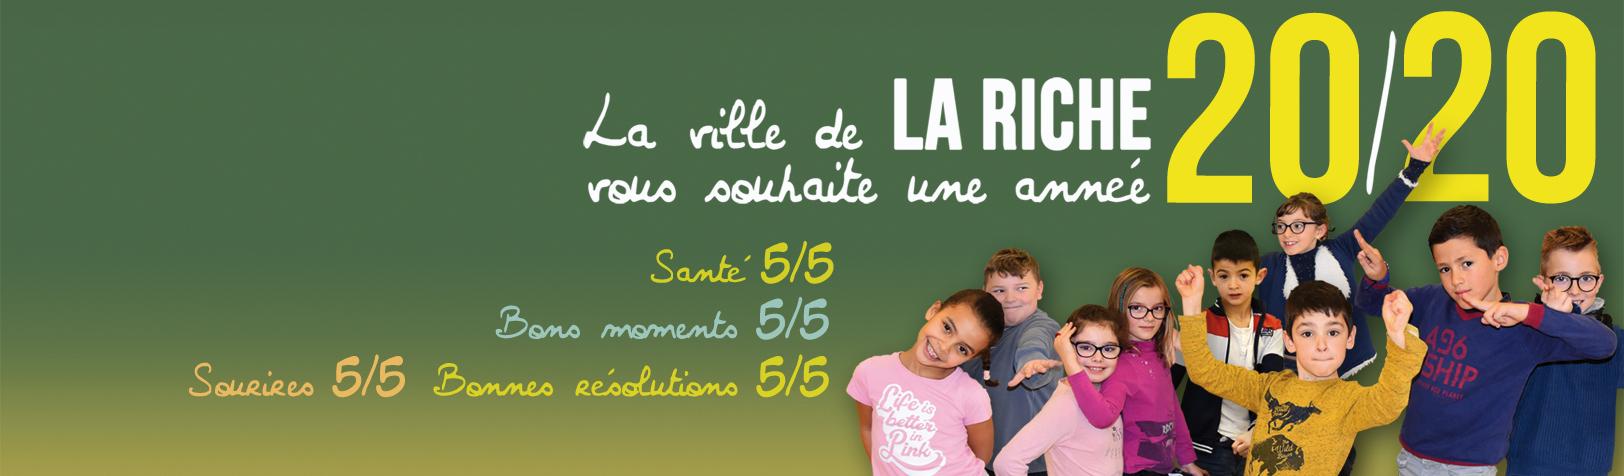 La ville de La Riche vous souhaite une année 20/20!